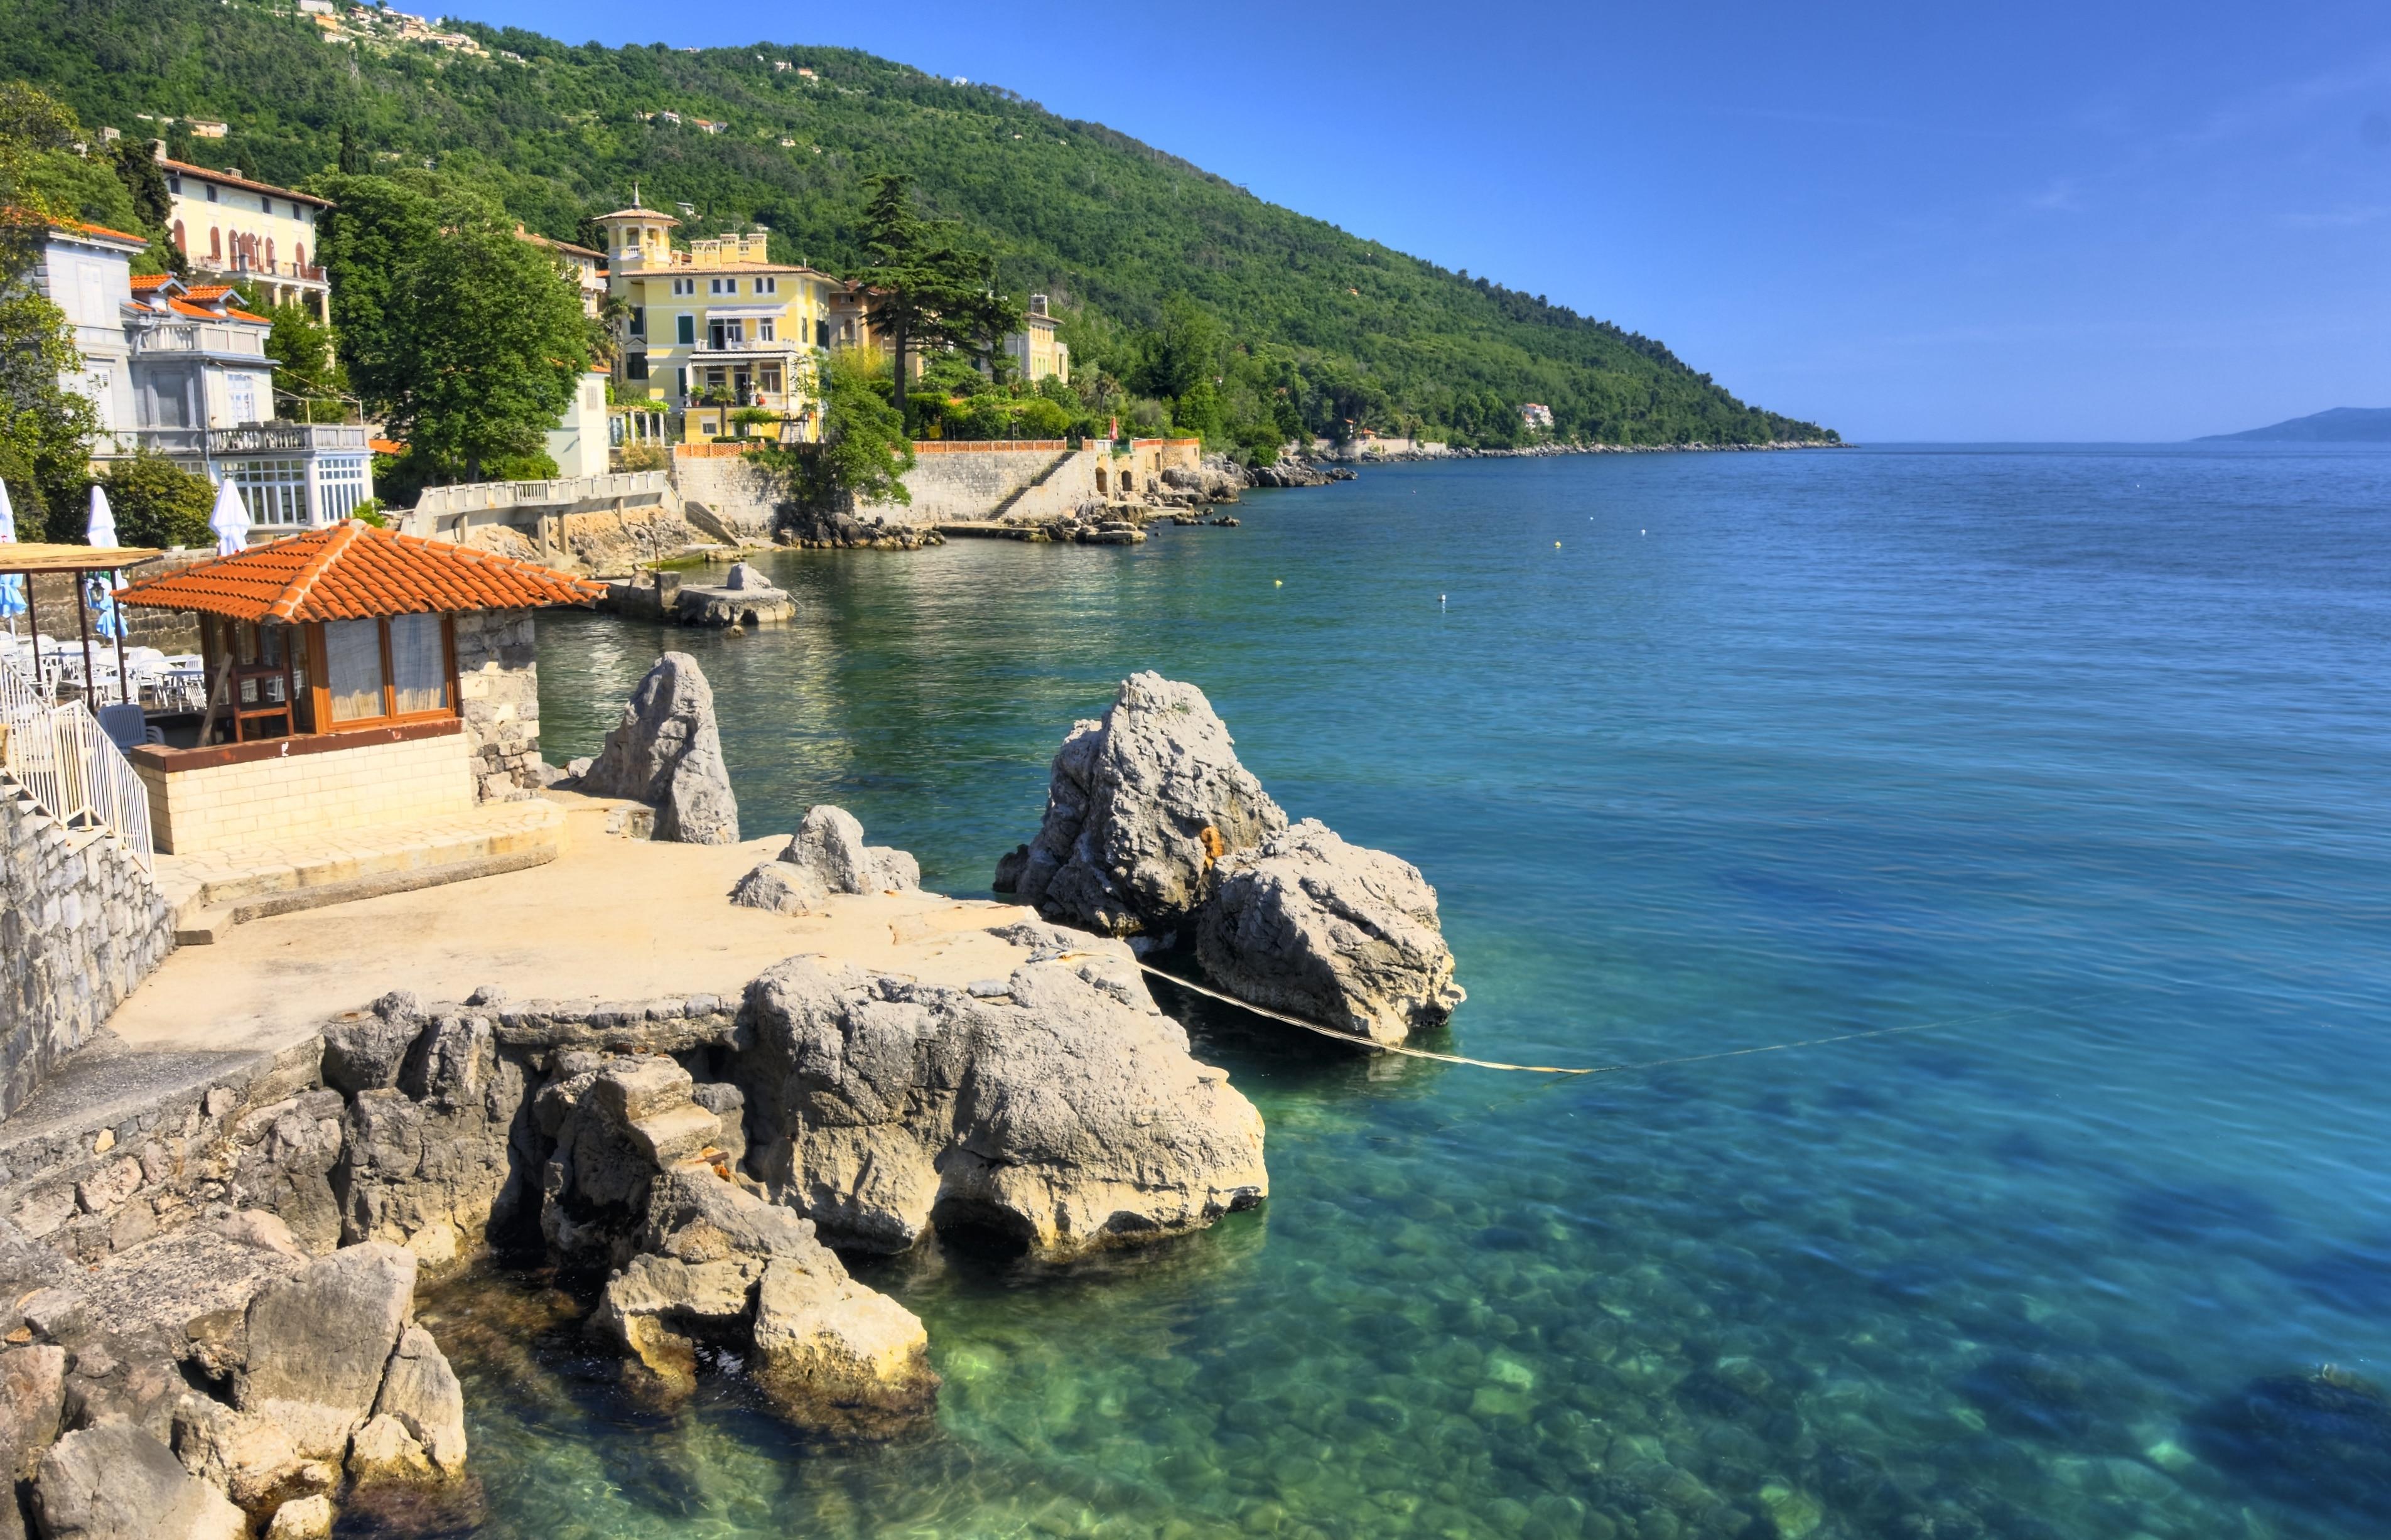 Lovran Harbour, Lovran, Primorje-Gorski Kotar, Croatia